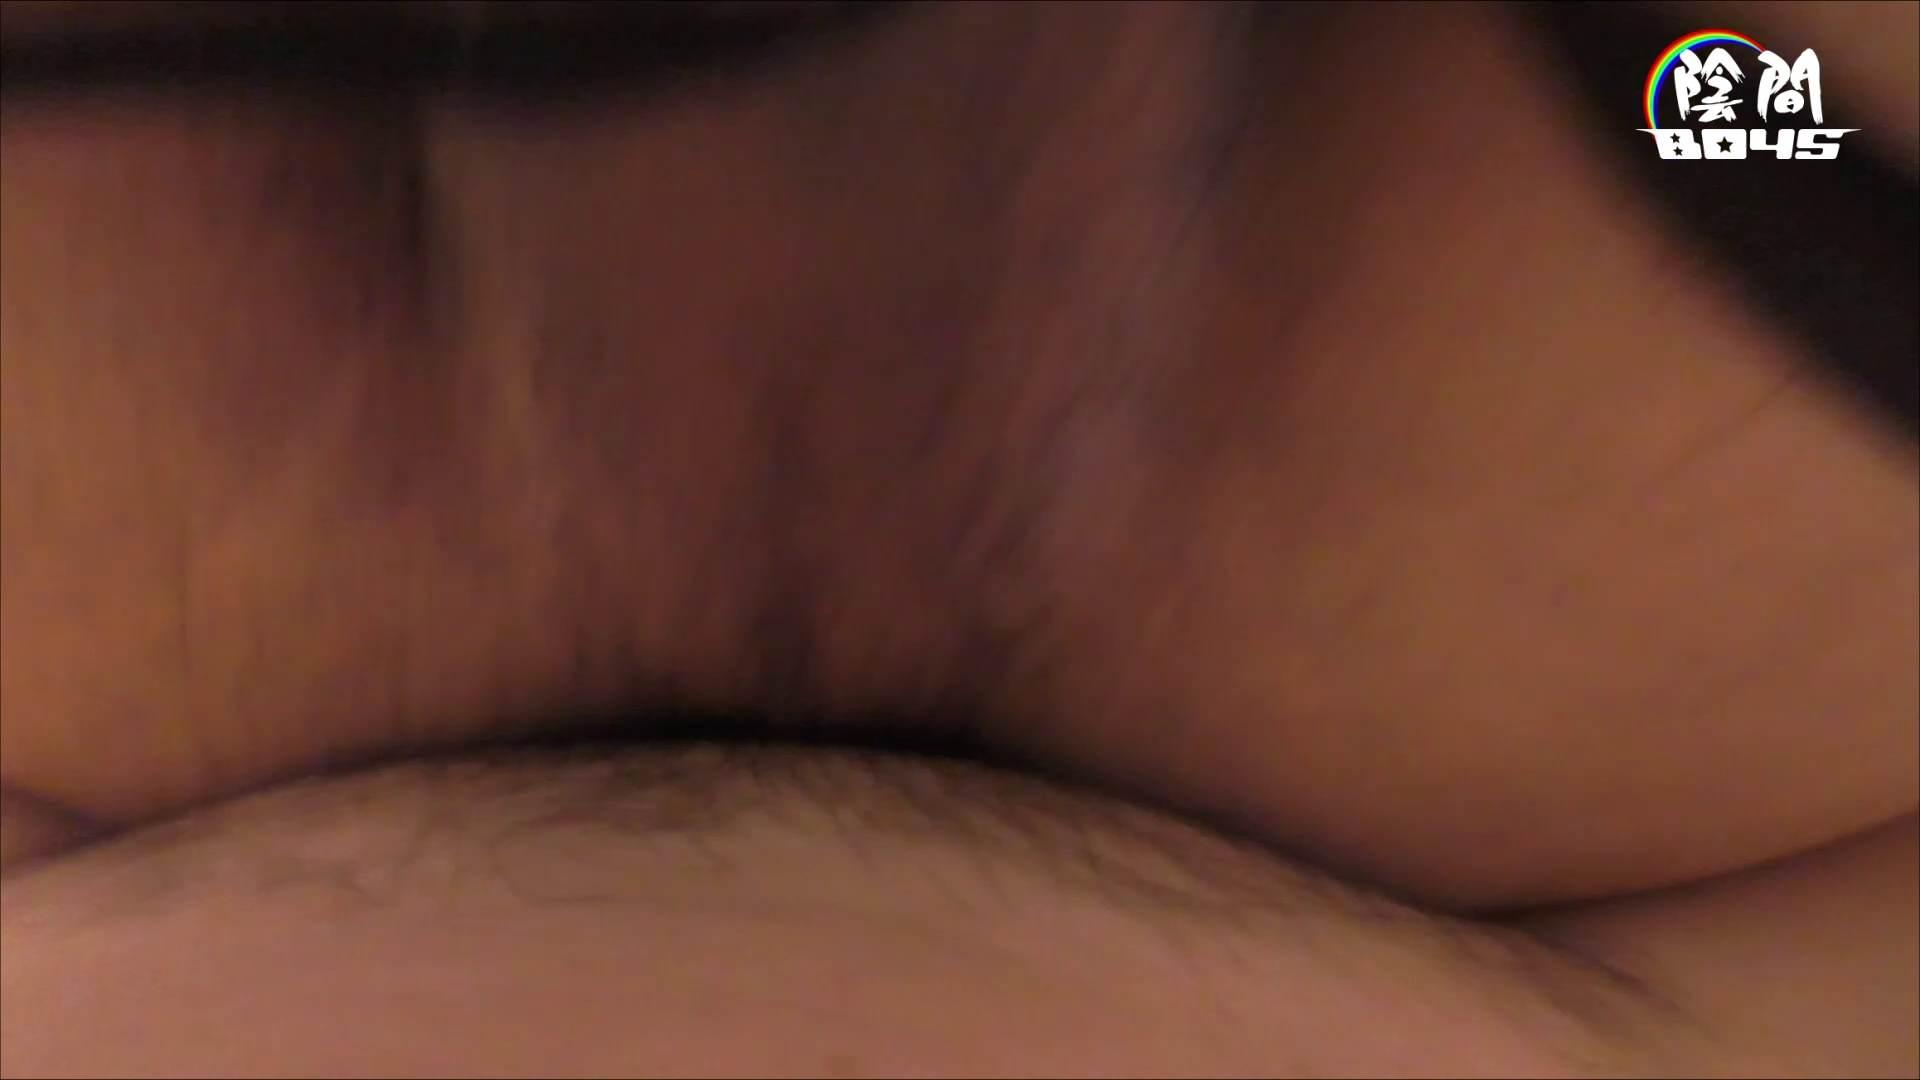 アナルで営業ワン・ツー・ スリーpart2 Vol.6 入浴・シャワー丸見え 男同士画像 51pic 20